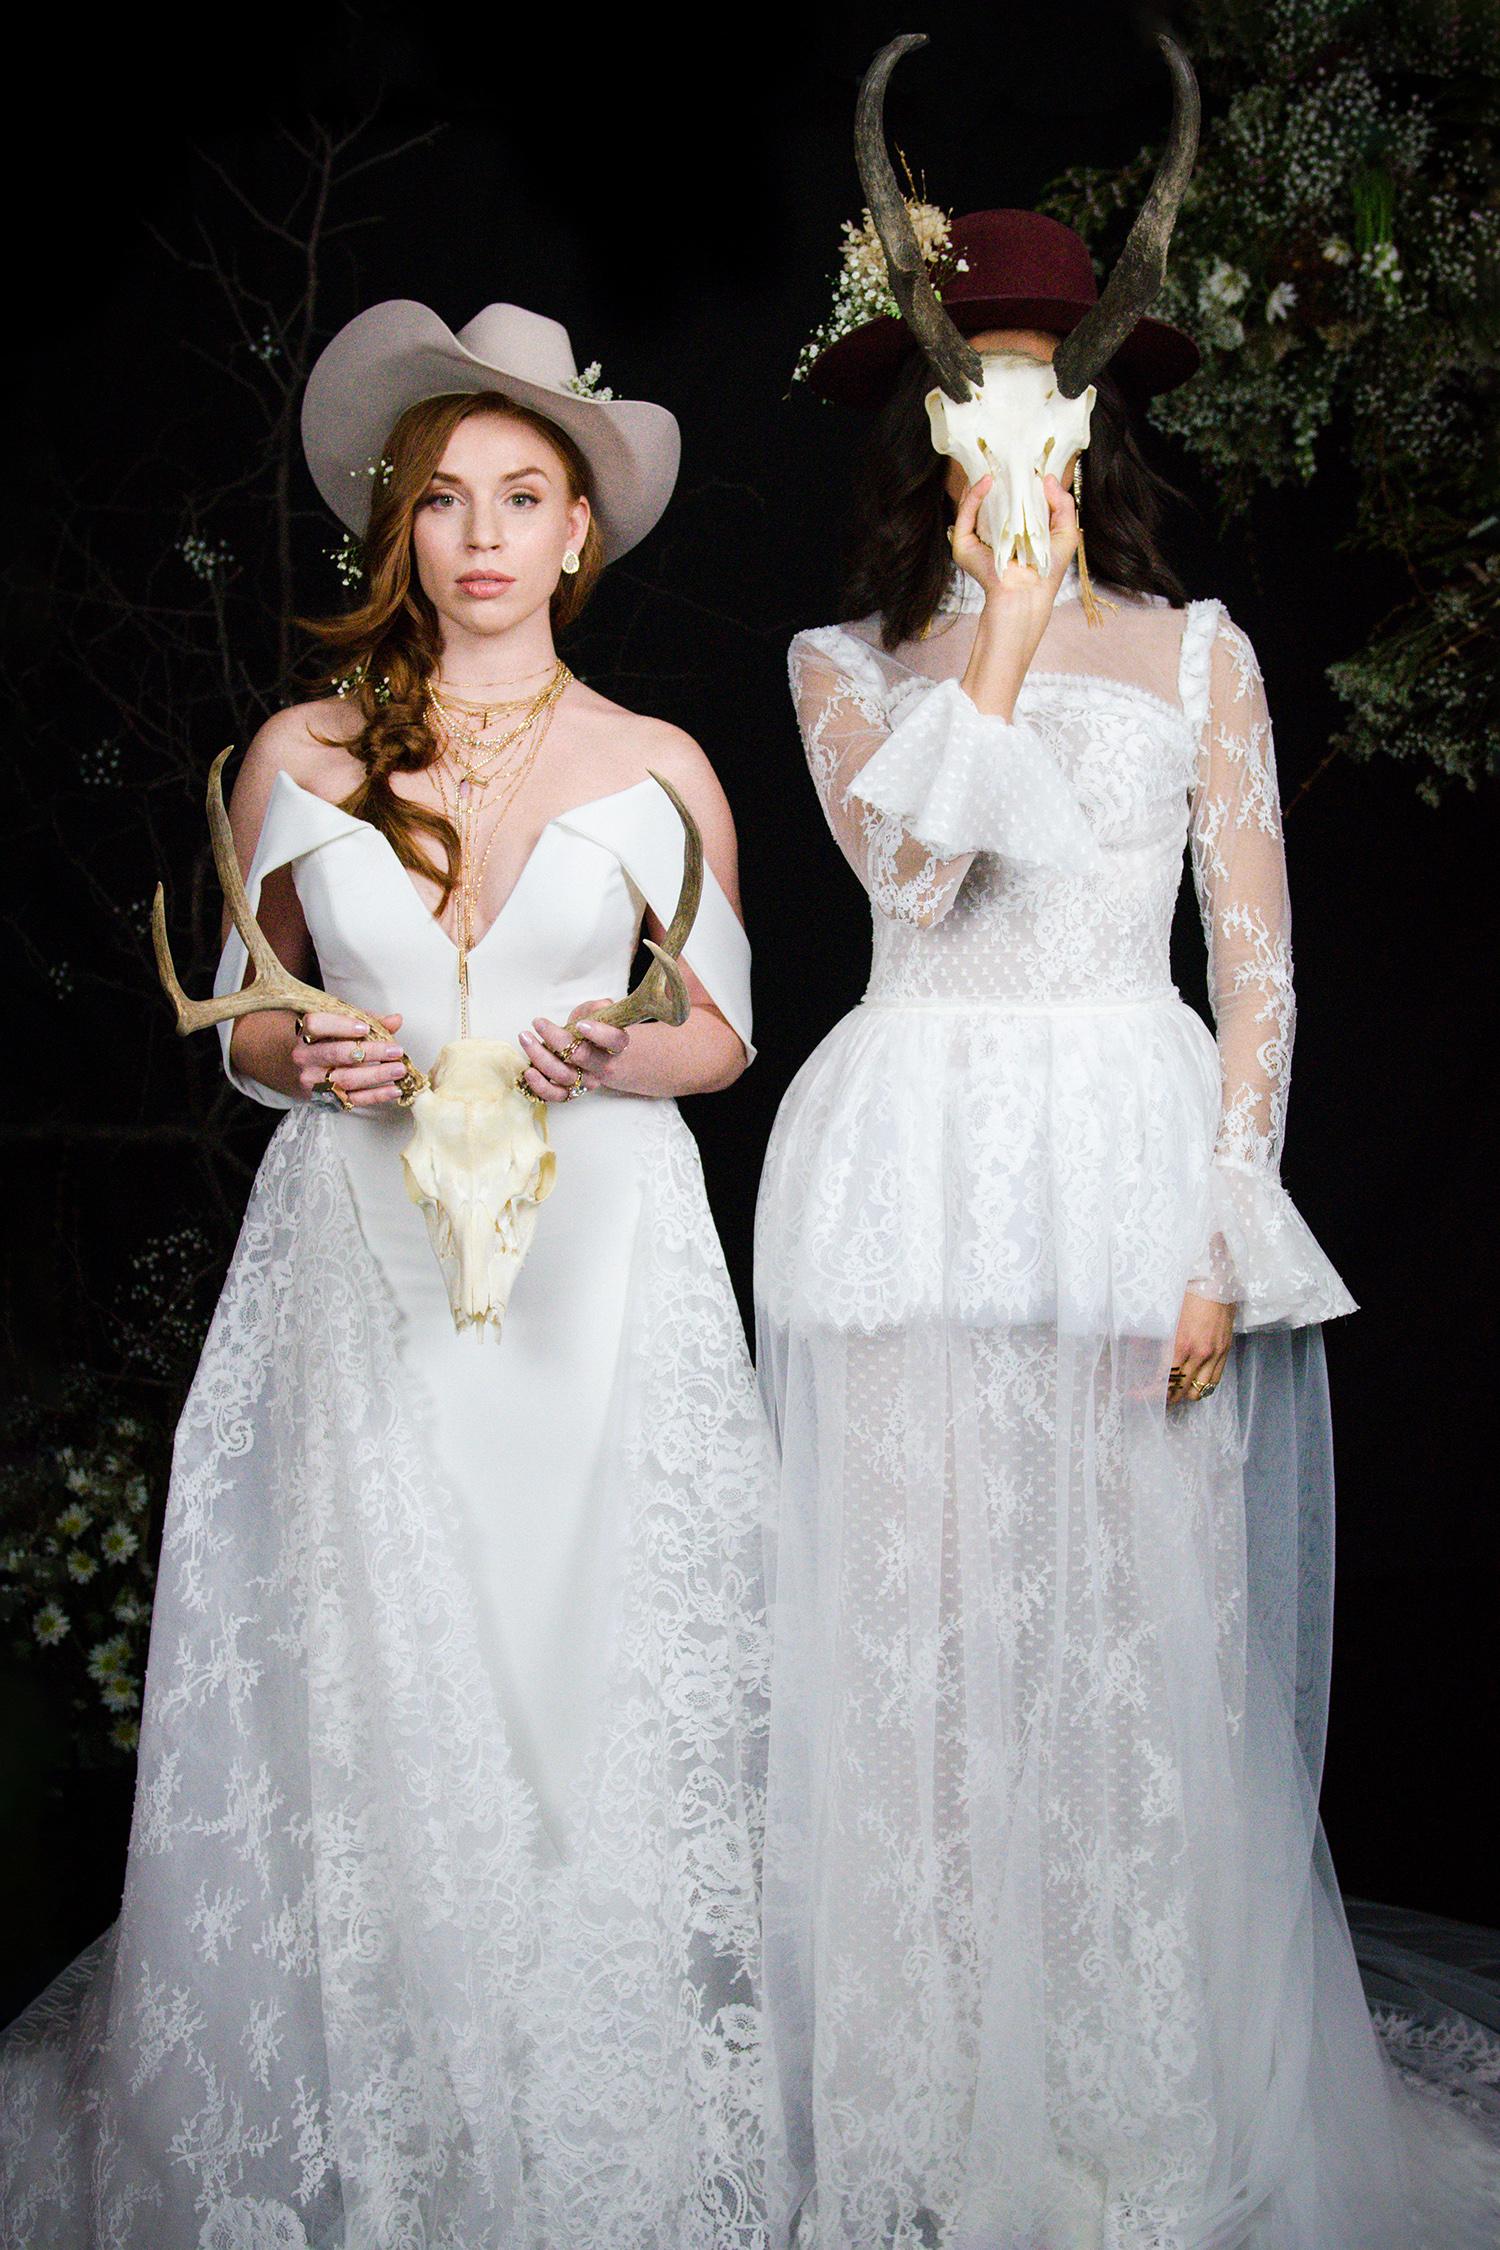 sv-bridal-whiskey diamonds-00.jpg